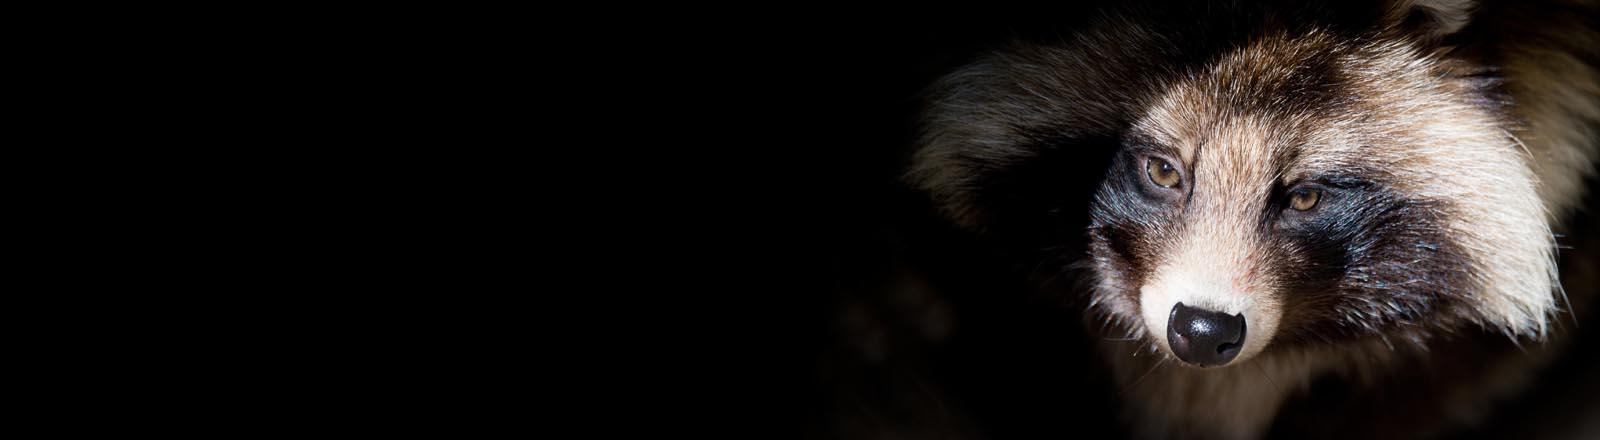 Ein Marderhund (Nyctereutes procyonoides) sitzt am 06.02.2014 im Wisentgehege in Springe (Niedersachsen). Waschbären und Marderhunde breiten sich in Deutschland immer weiter aus.